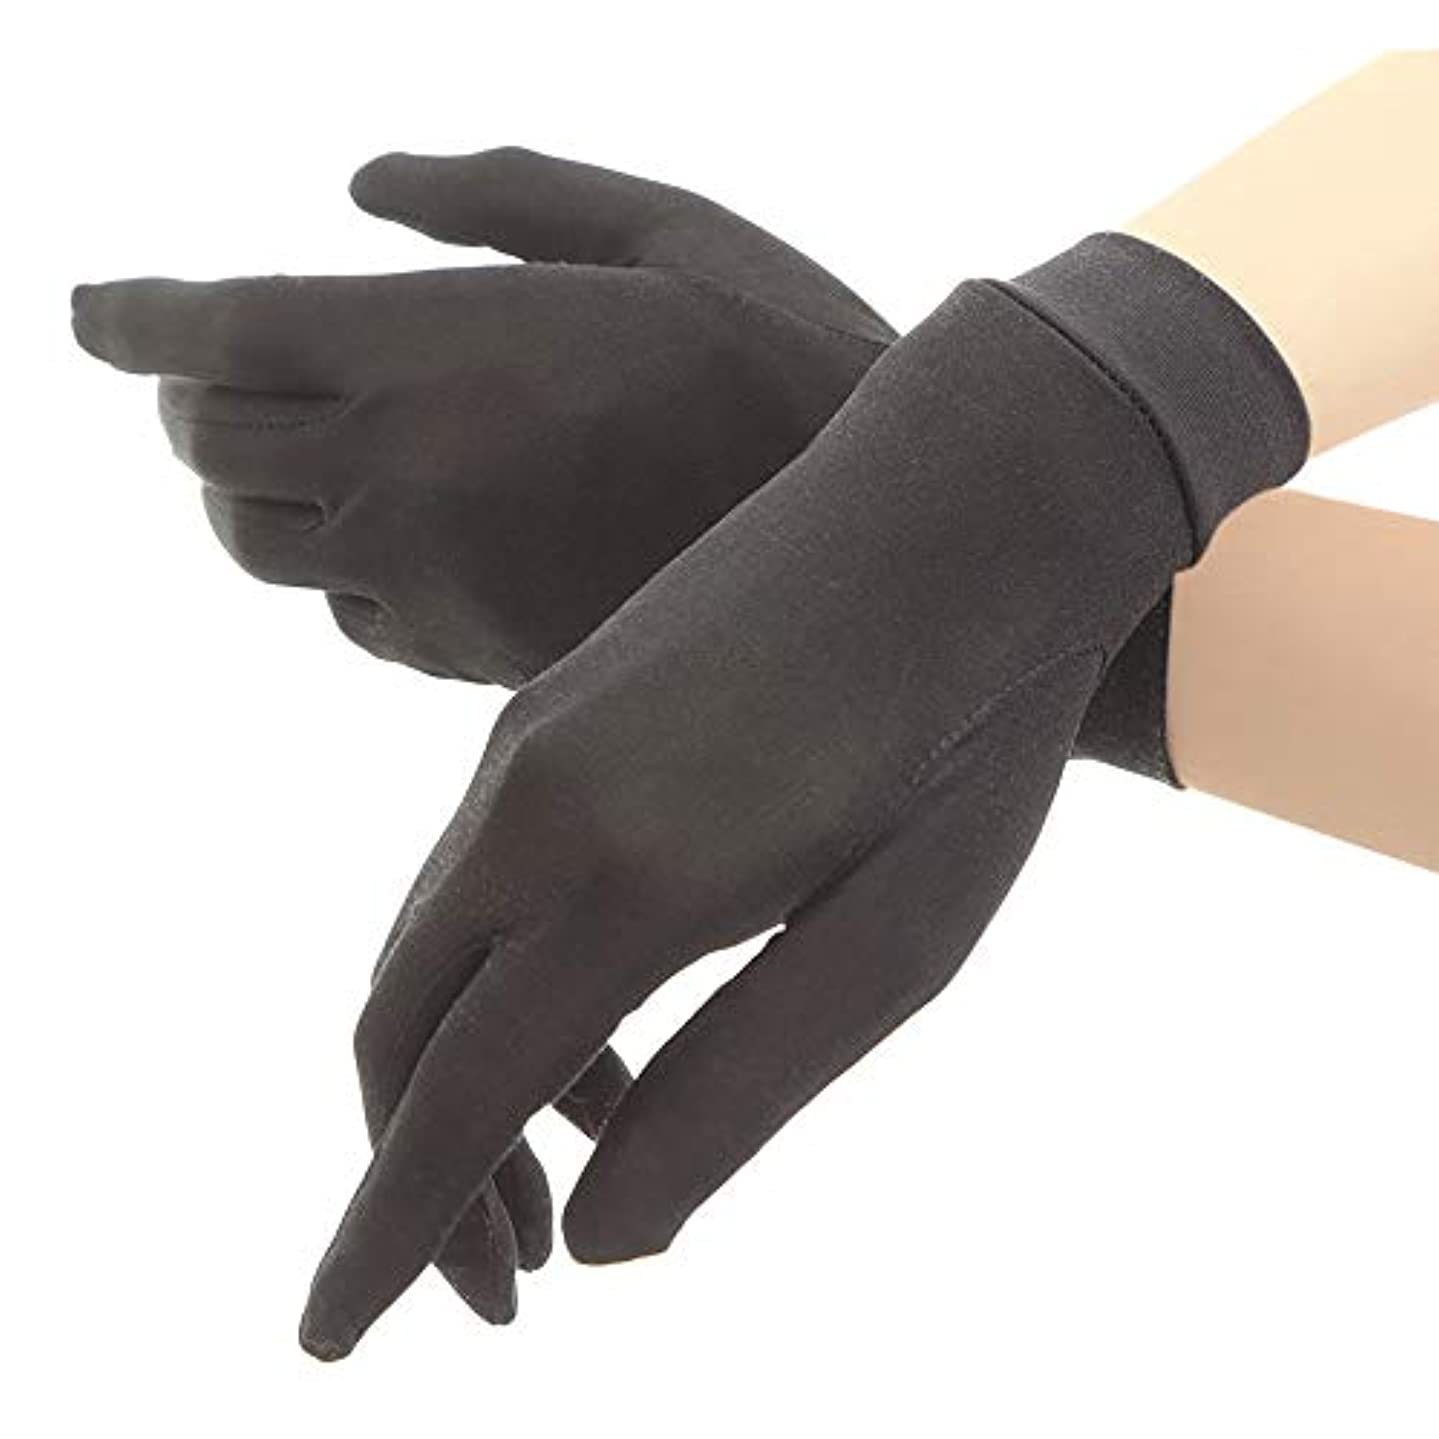 シルク手袋 レディース 手袋 シルク 絹 ハンド ケア 保湿 紫外線 肌荒れ 乾燥 サイズアップで手指にマッチ 【macch】